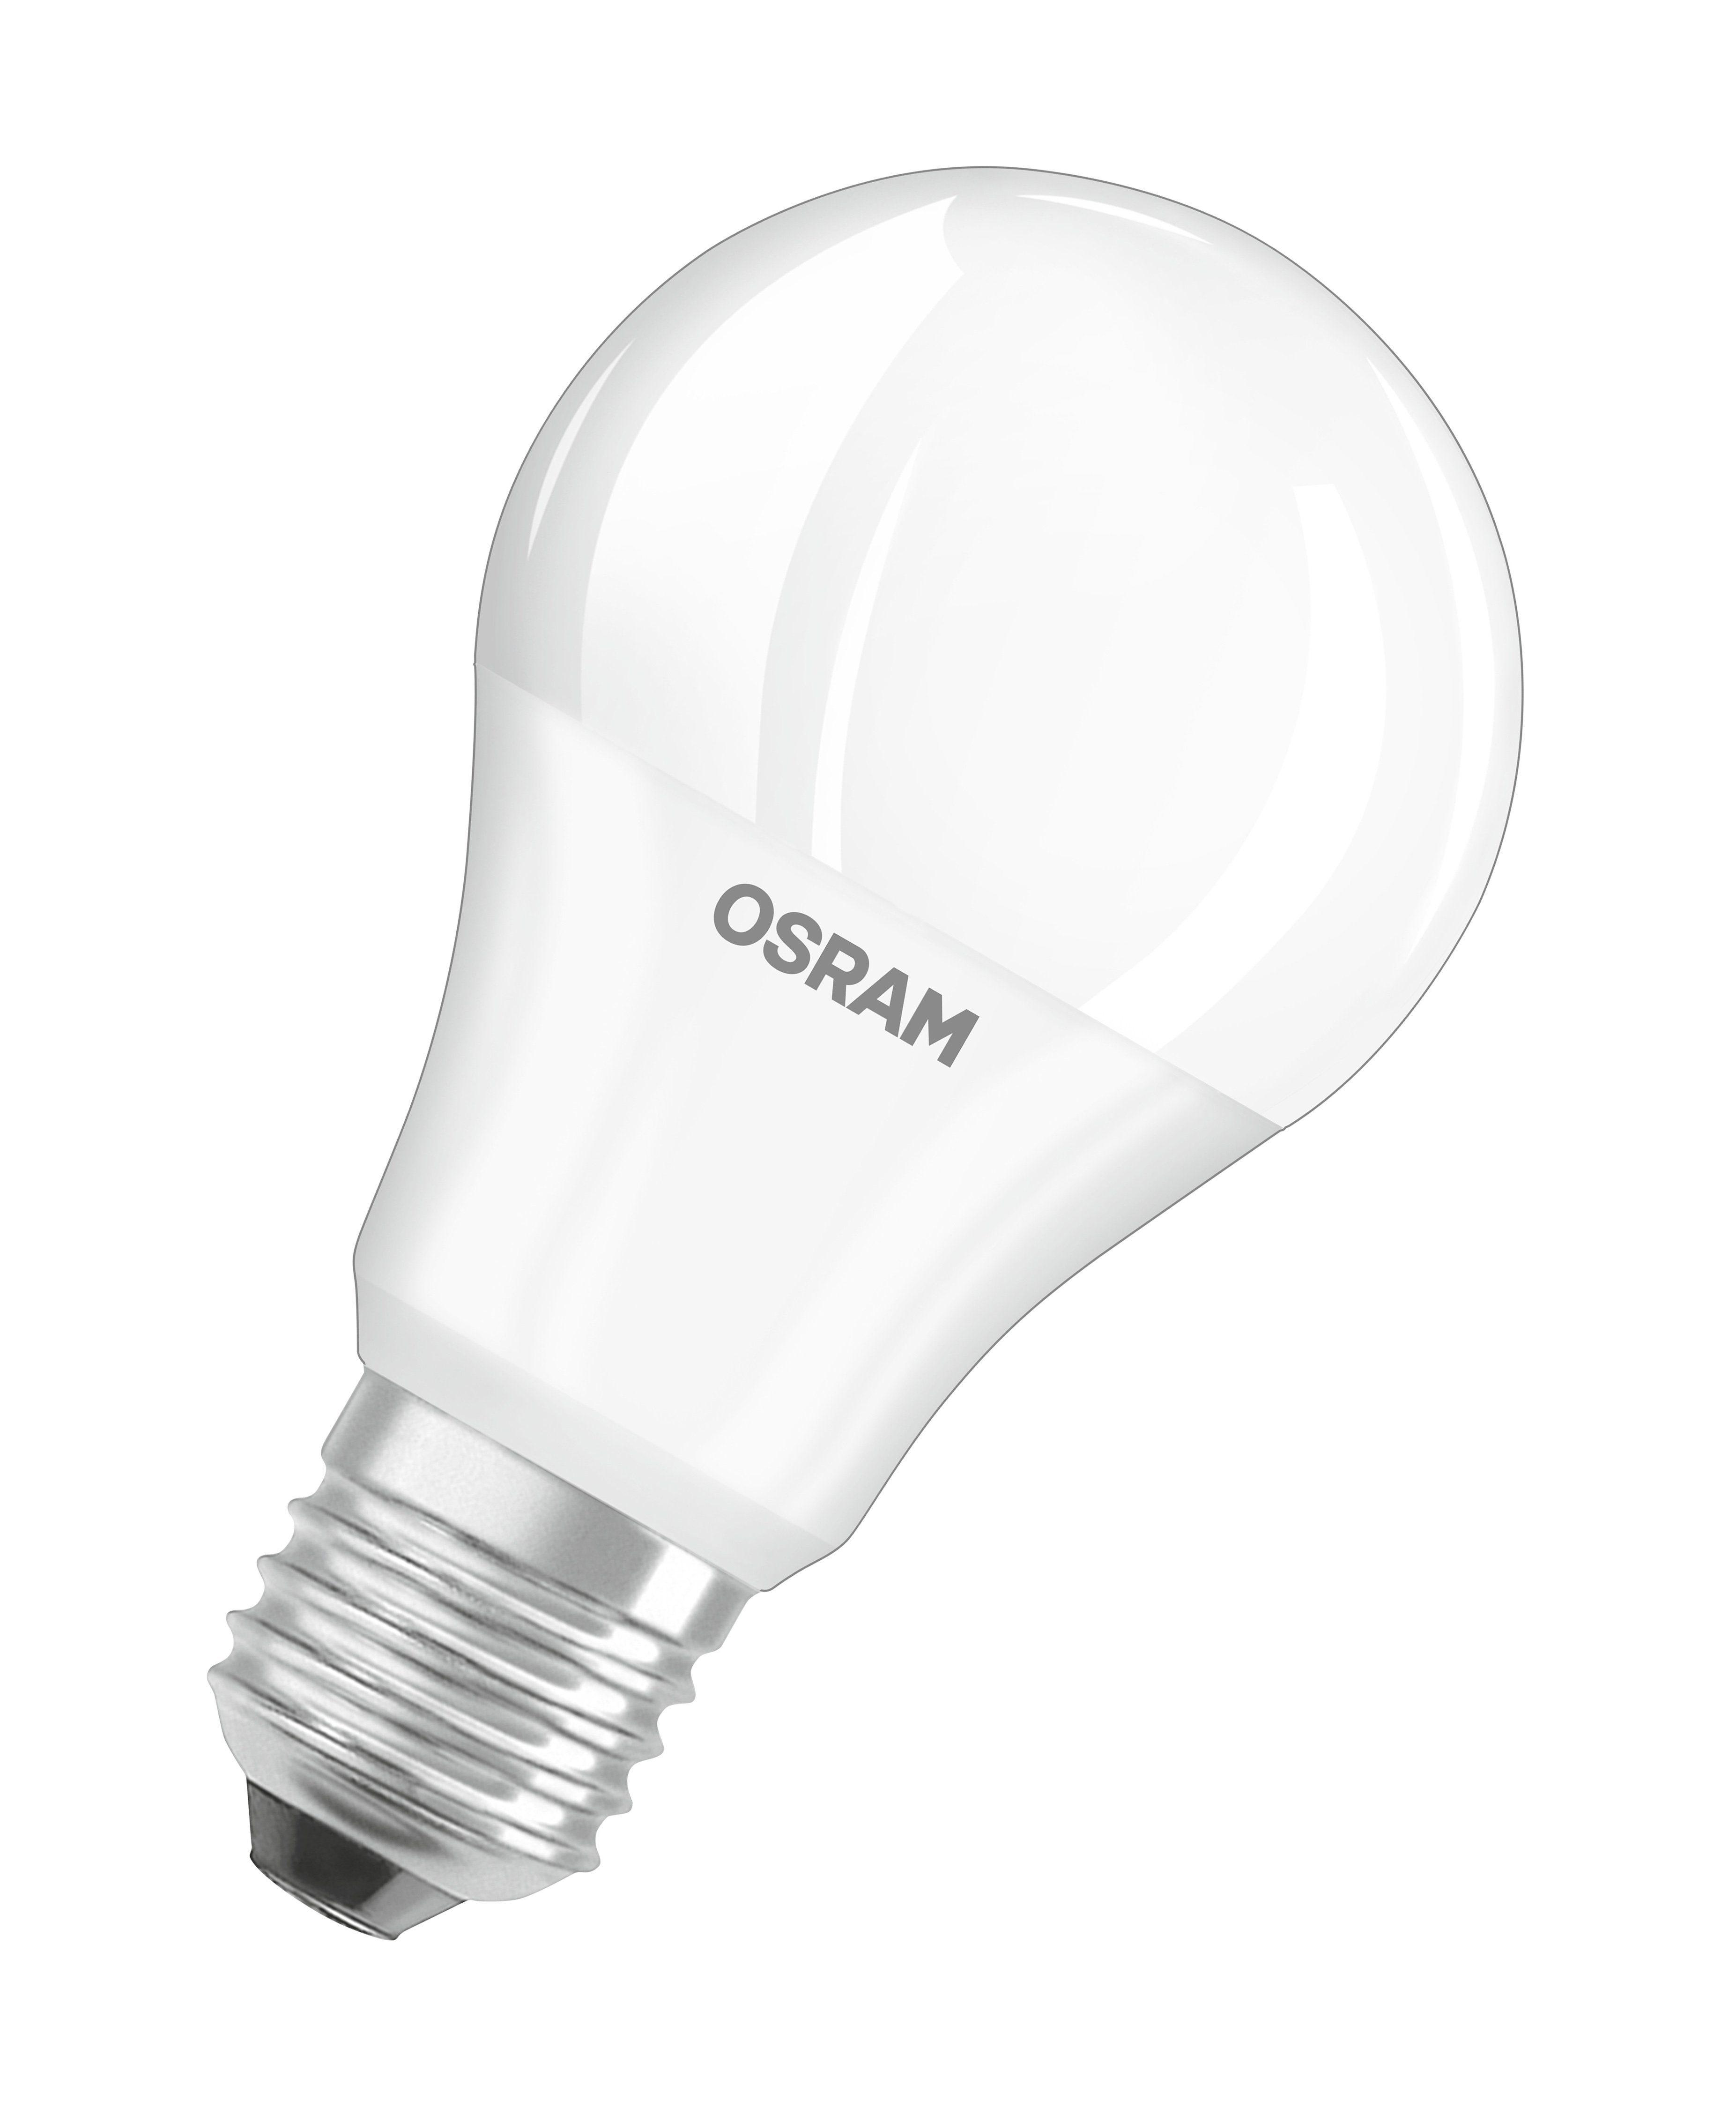 Osram LED DUO CLICK DIM CLASSIC A - LED-Lampe mit Dimmung »DCD CLAS A 60 9 W/827 E27«